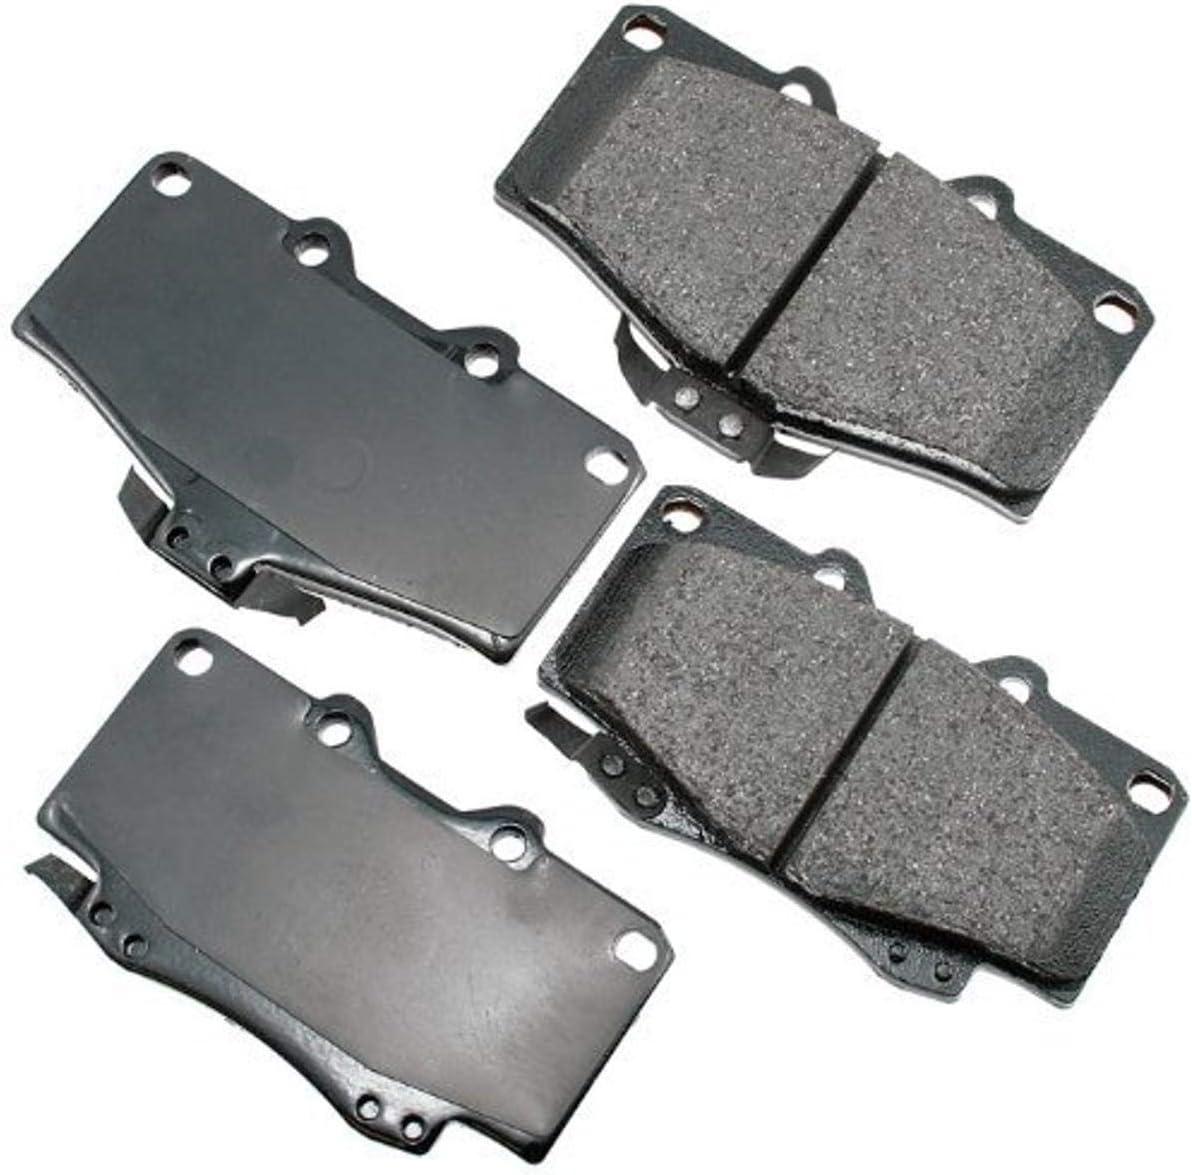 Akebono ACT436 Proact low-pricing Ultra Premium Disc Ceramic kit Pad Brake famous